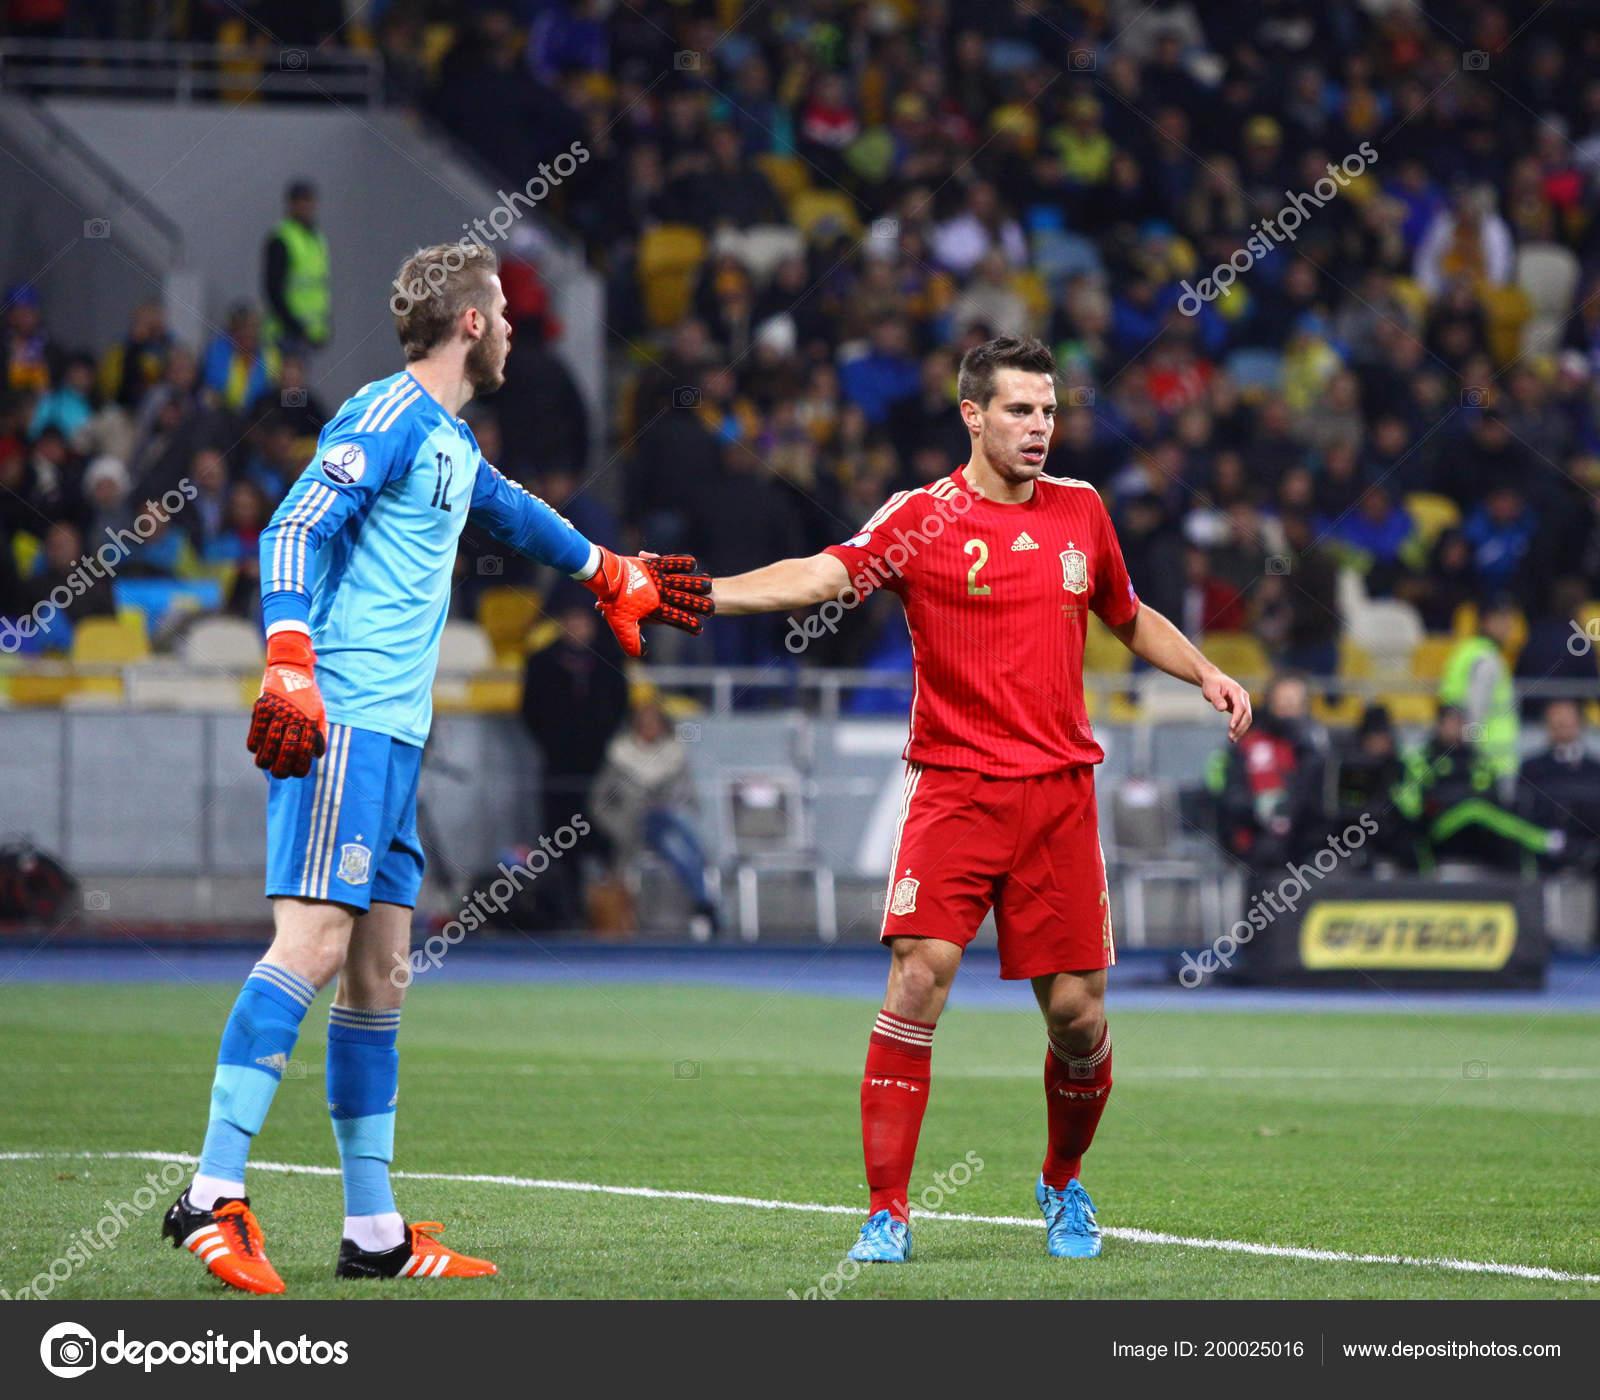 Футбол 12 октября украина испания